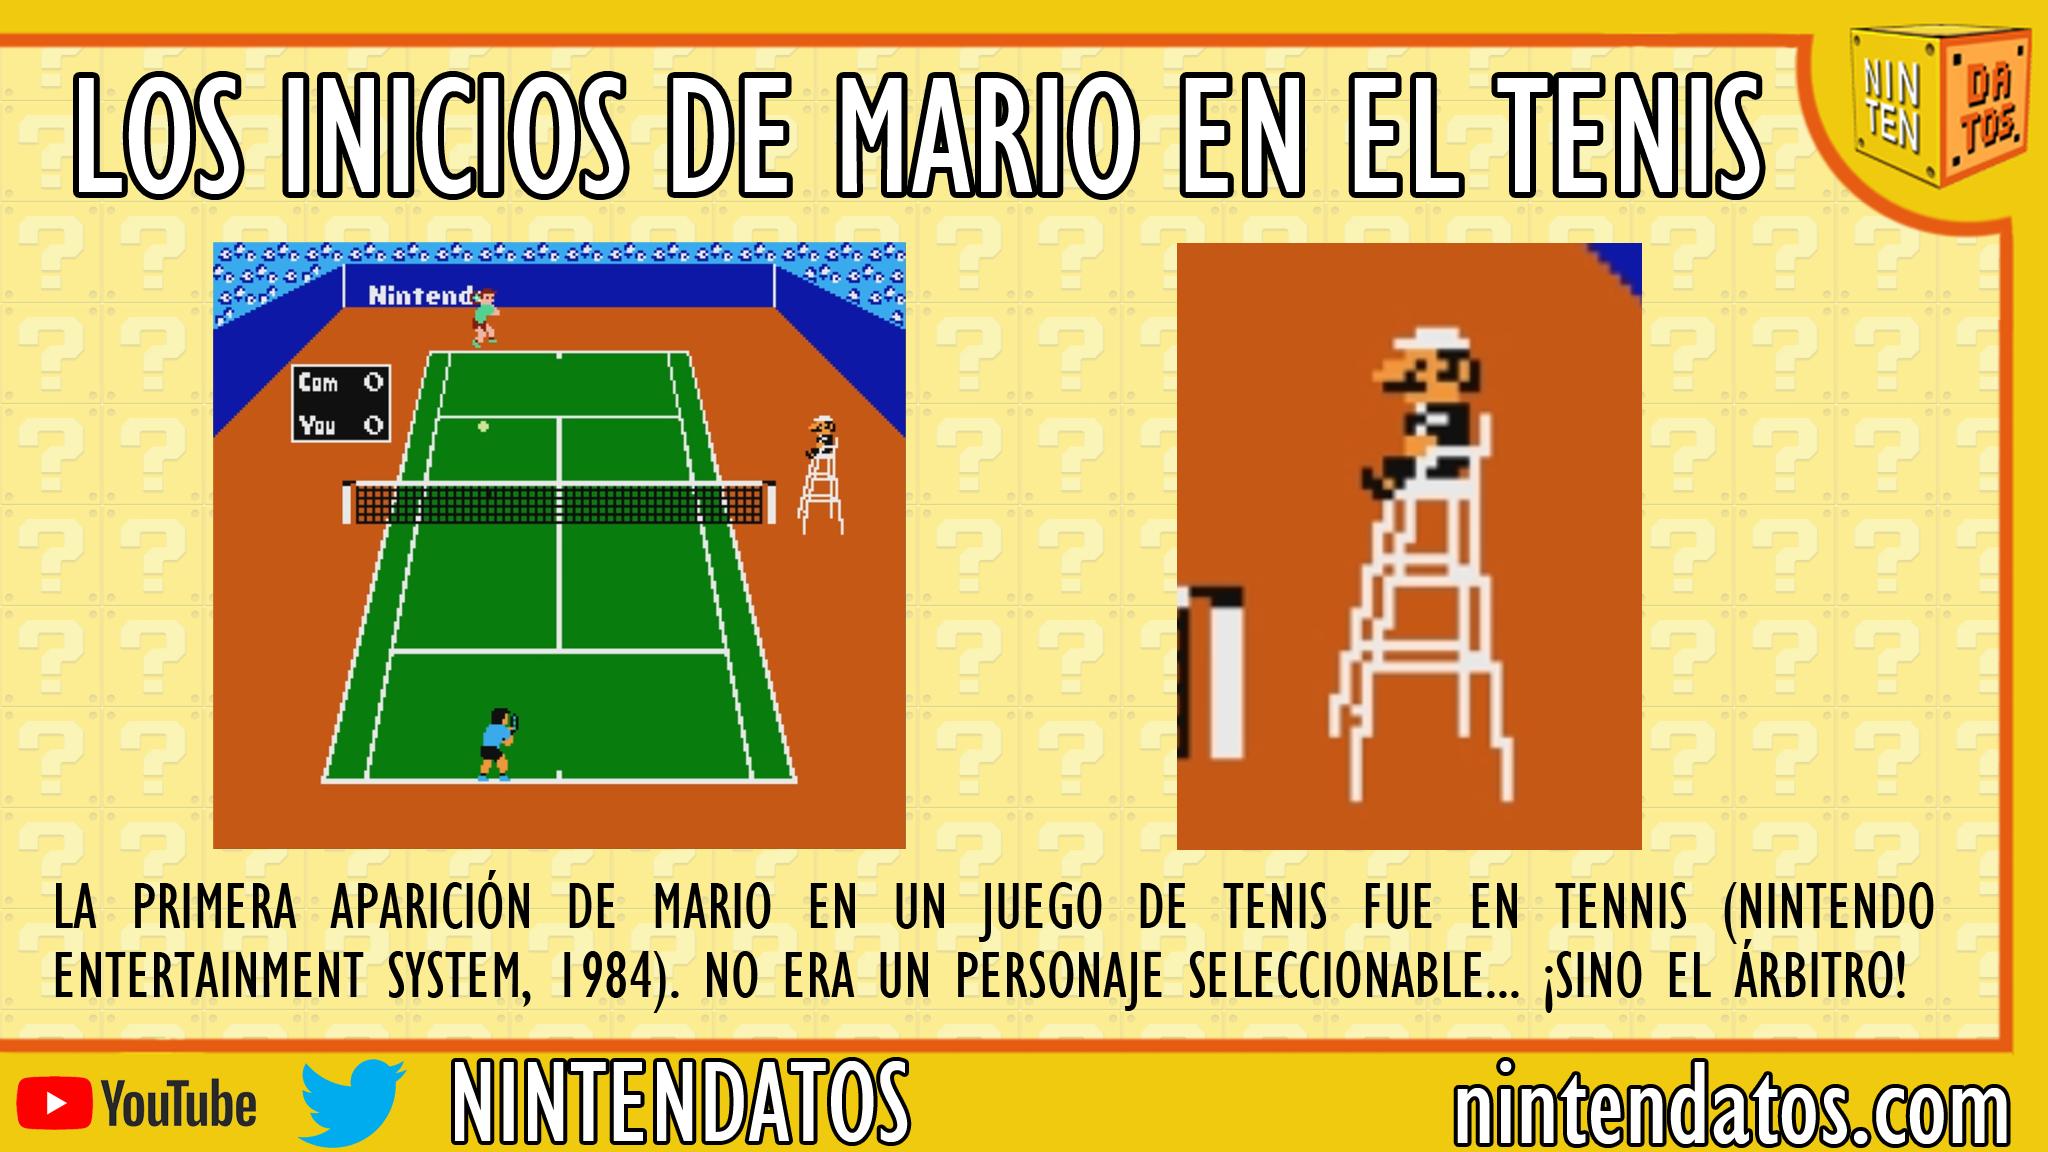 Los inicios de Mario en el tenis